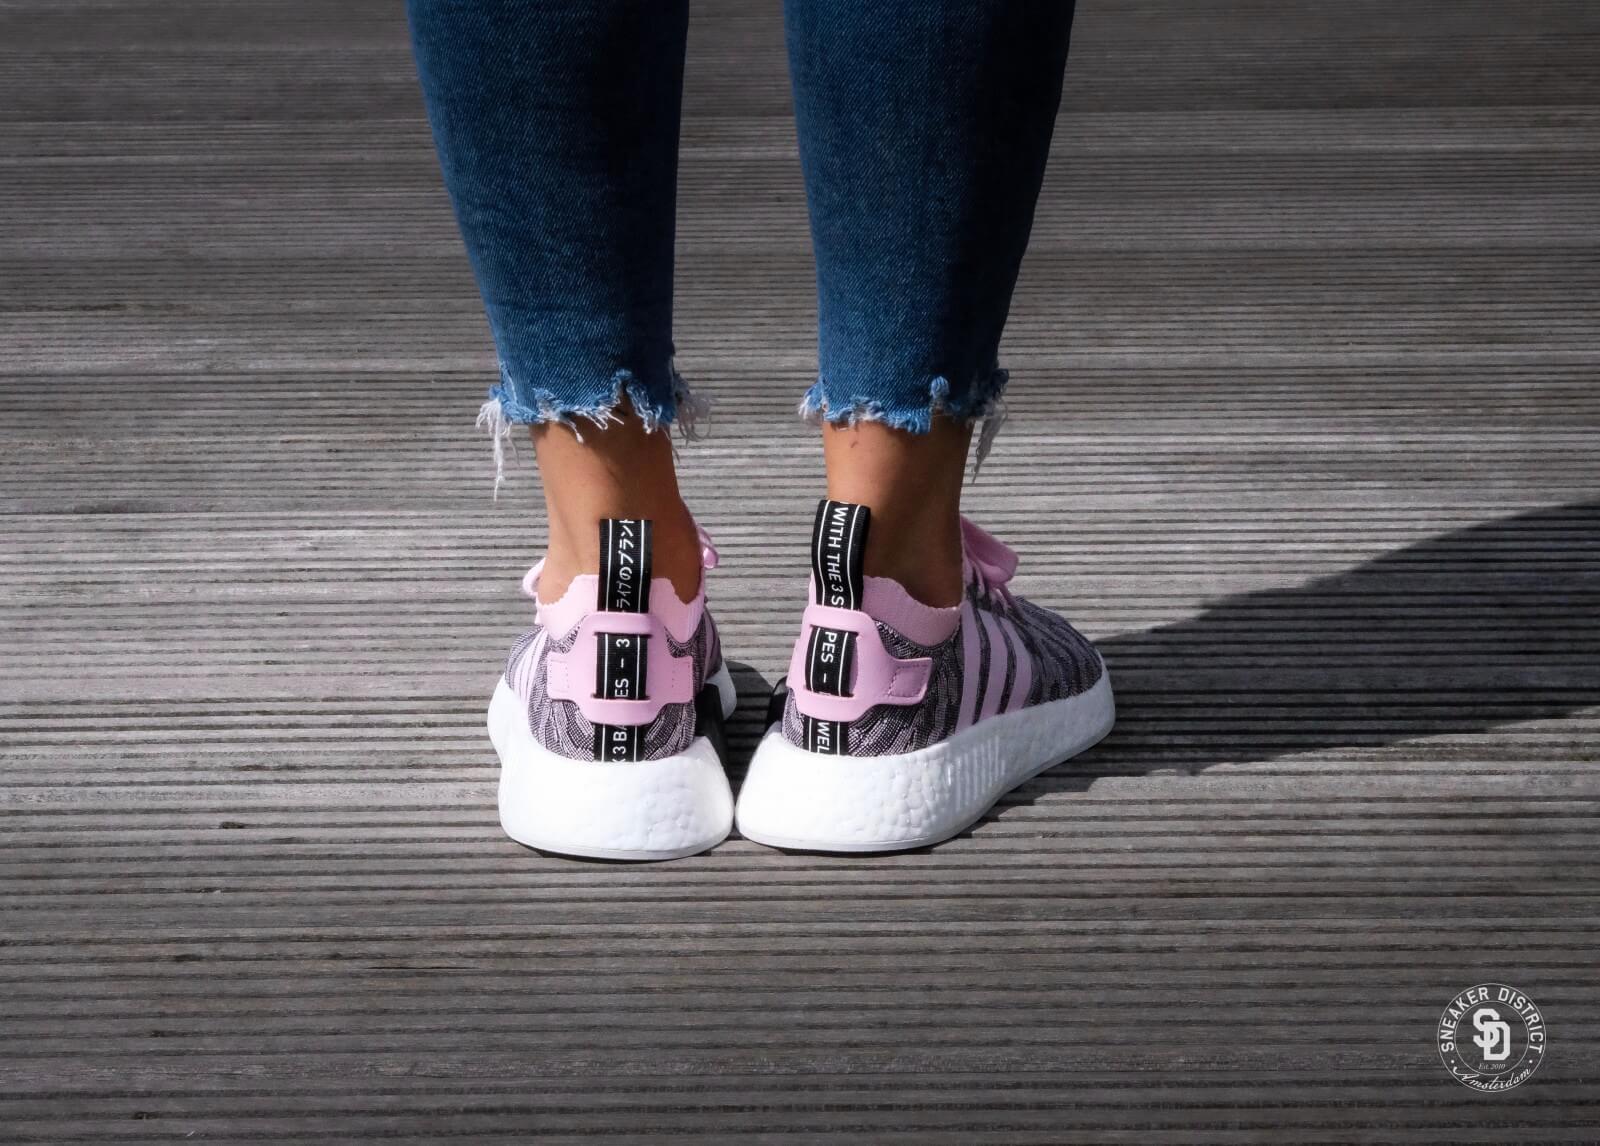 Adidas Nmd Pk R2 W Núcleo Negro / Rosa xOtAyHxl6